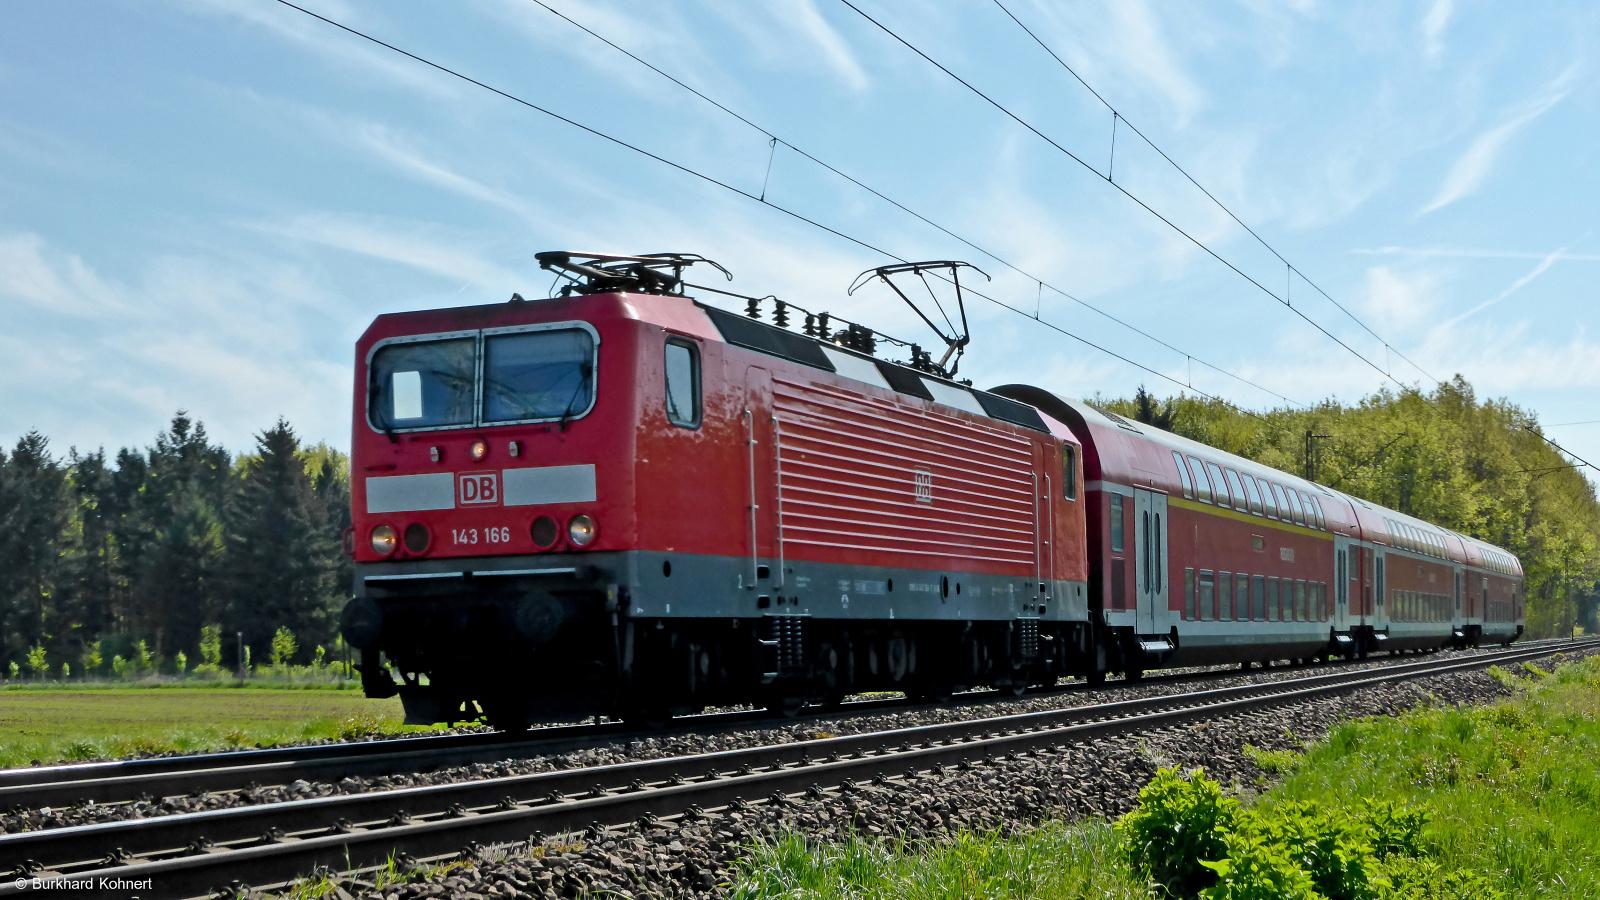 143 166 mit RB75 nach Wiesbaden